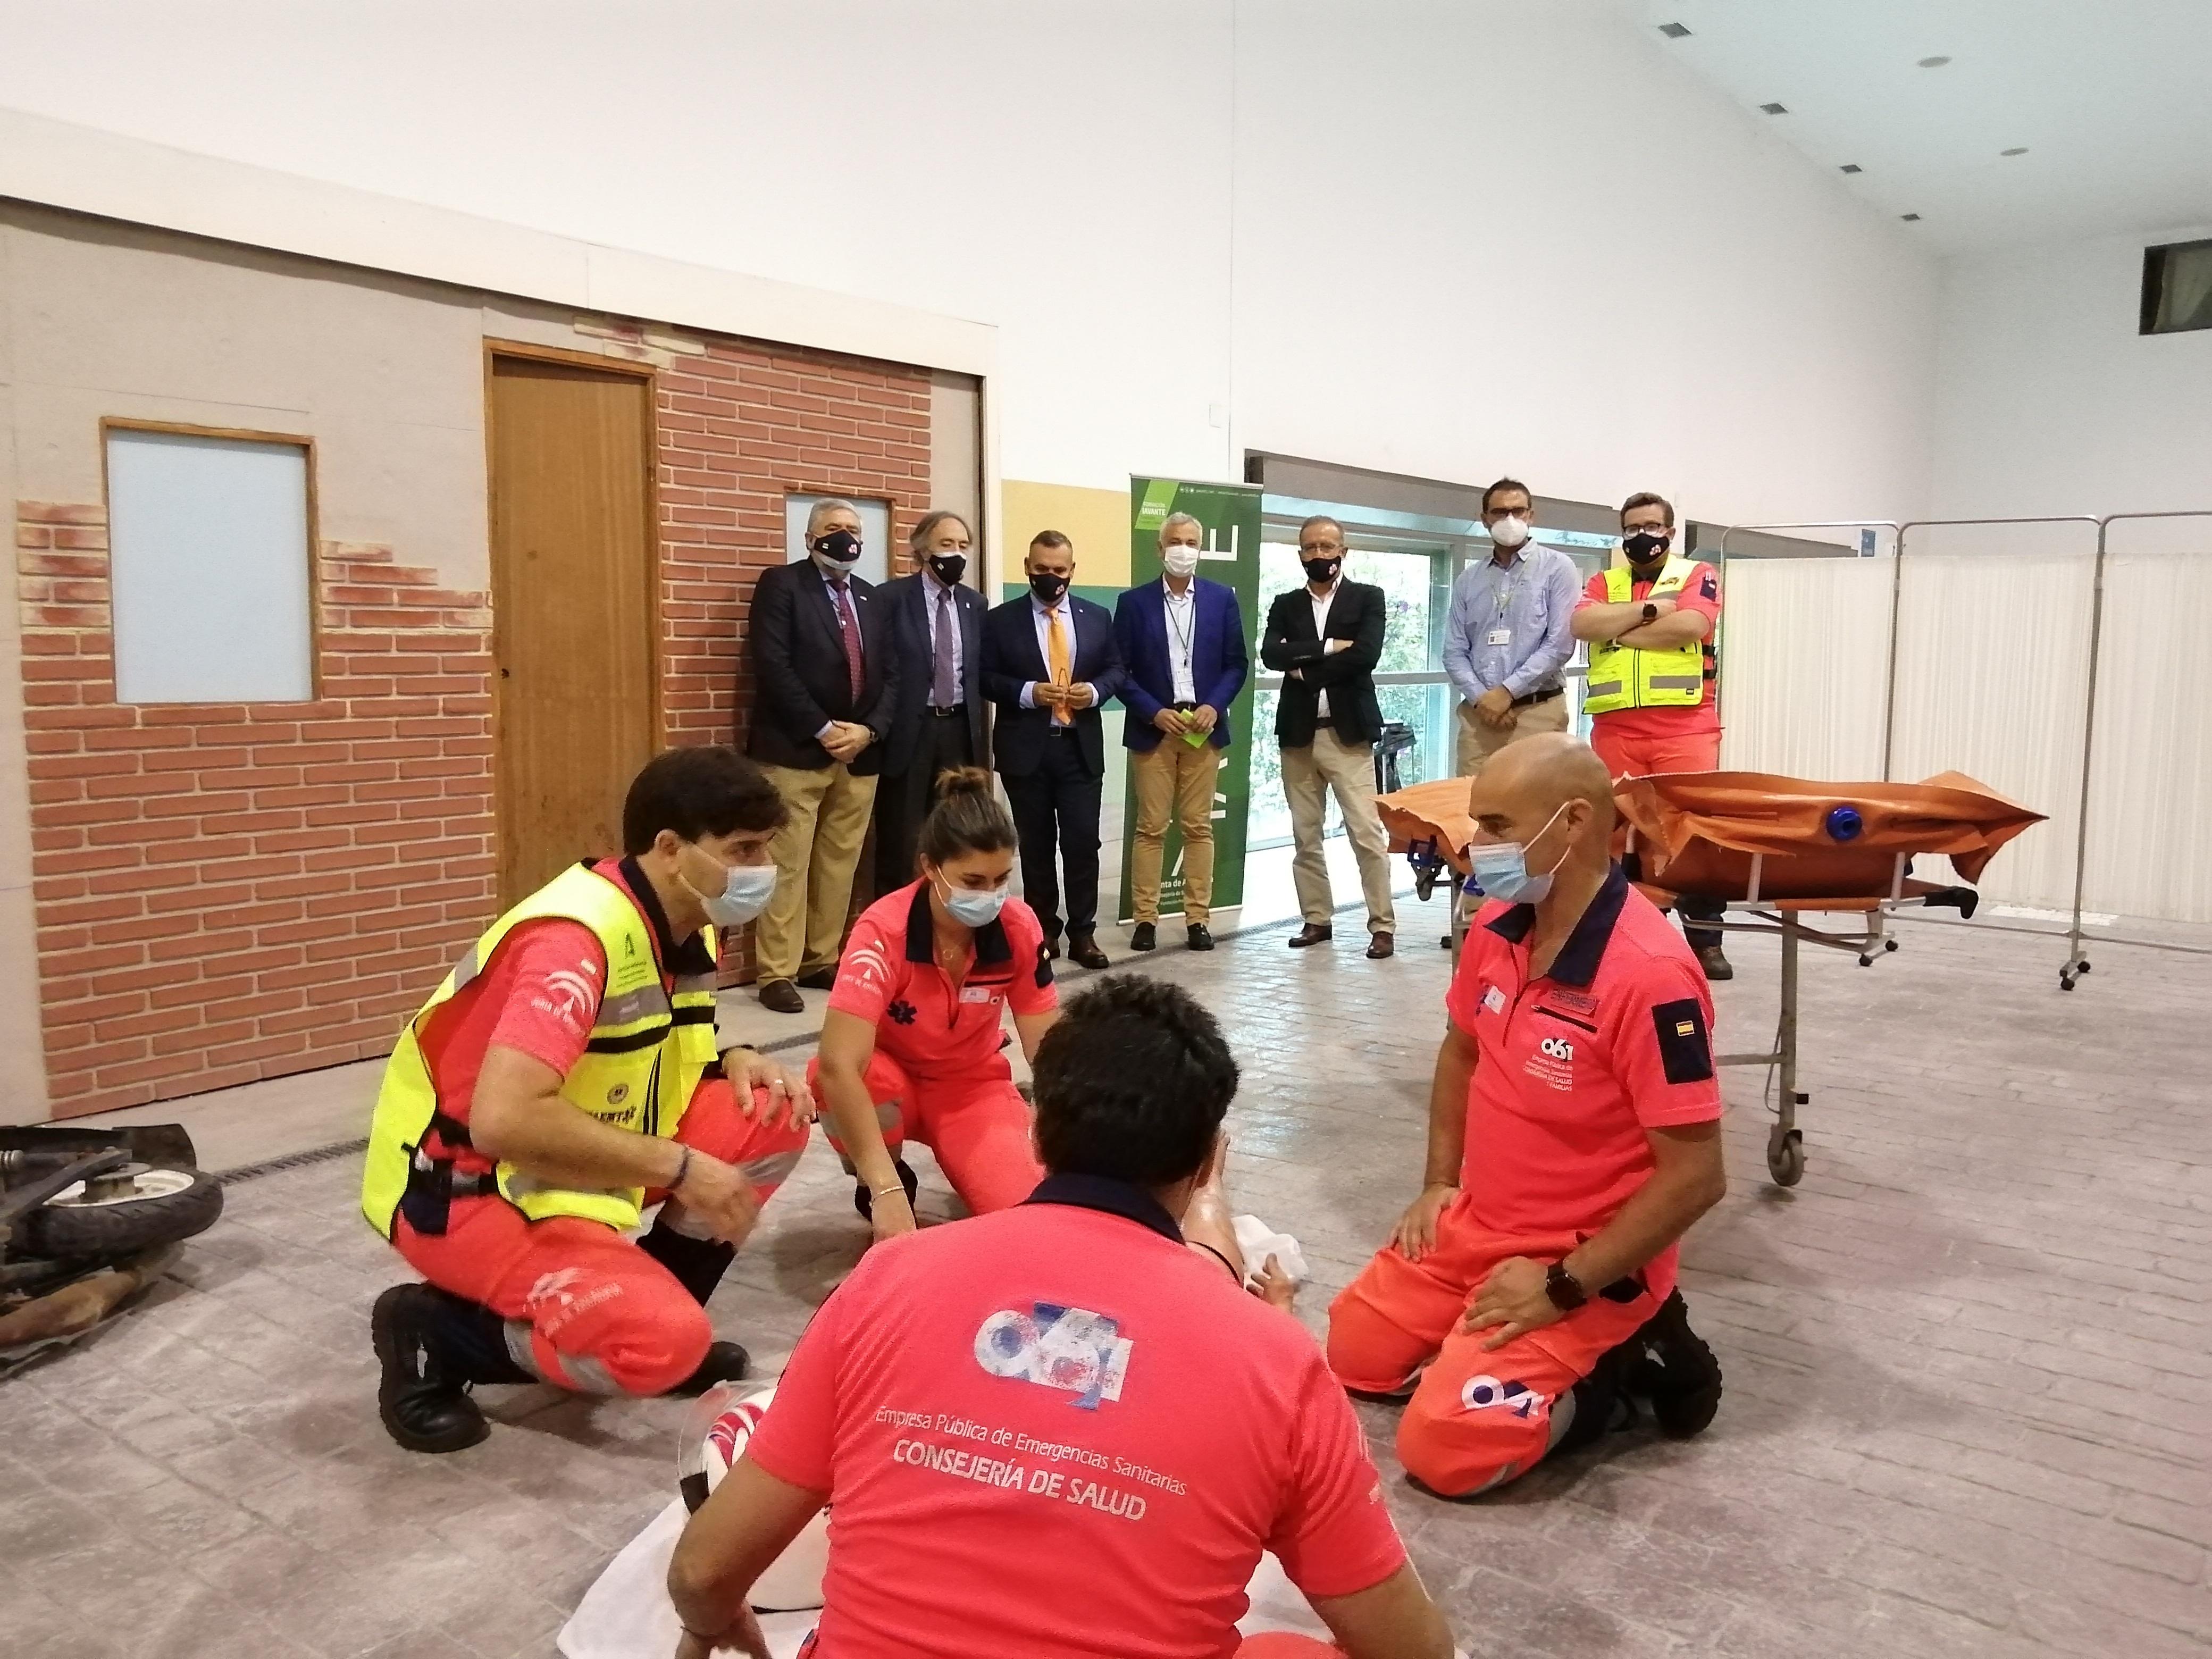 El 061 inicia el programa de formación especializada en Trauma Grave en Andalucía